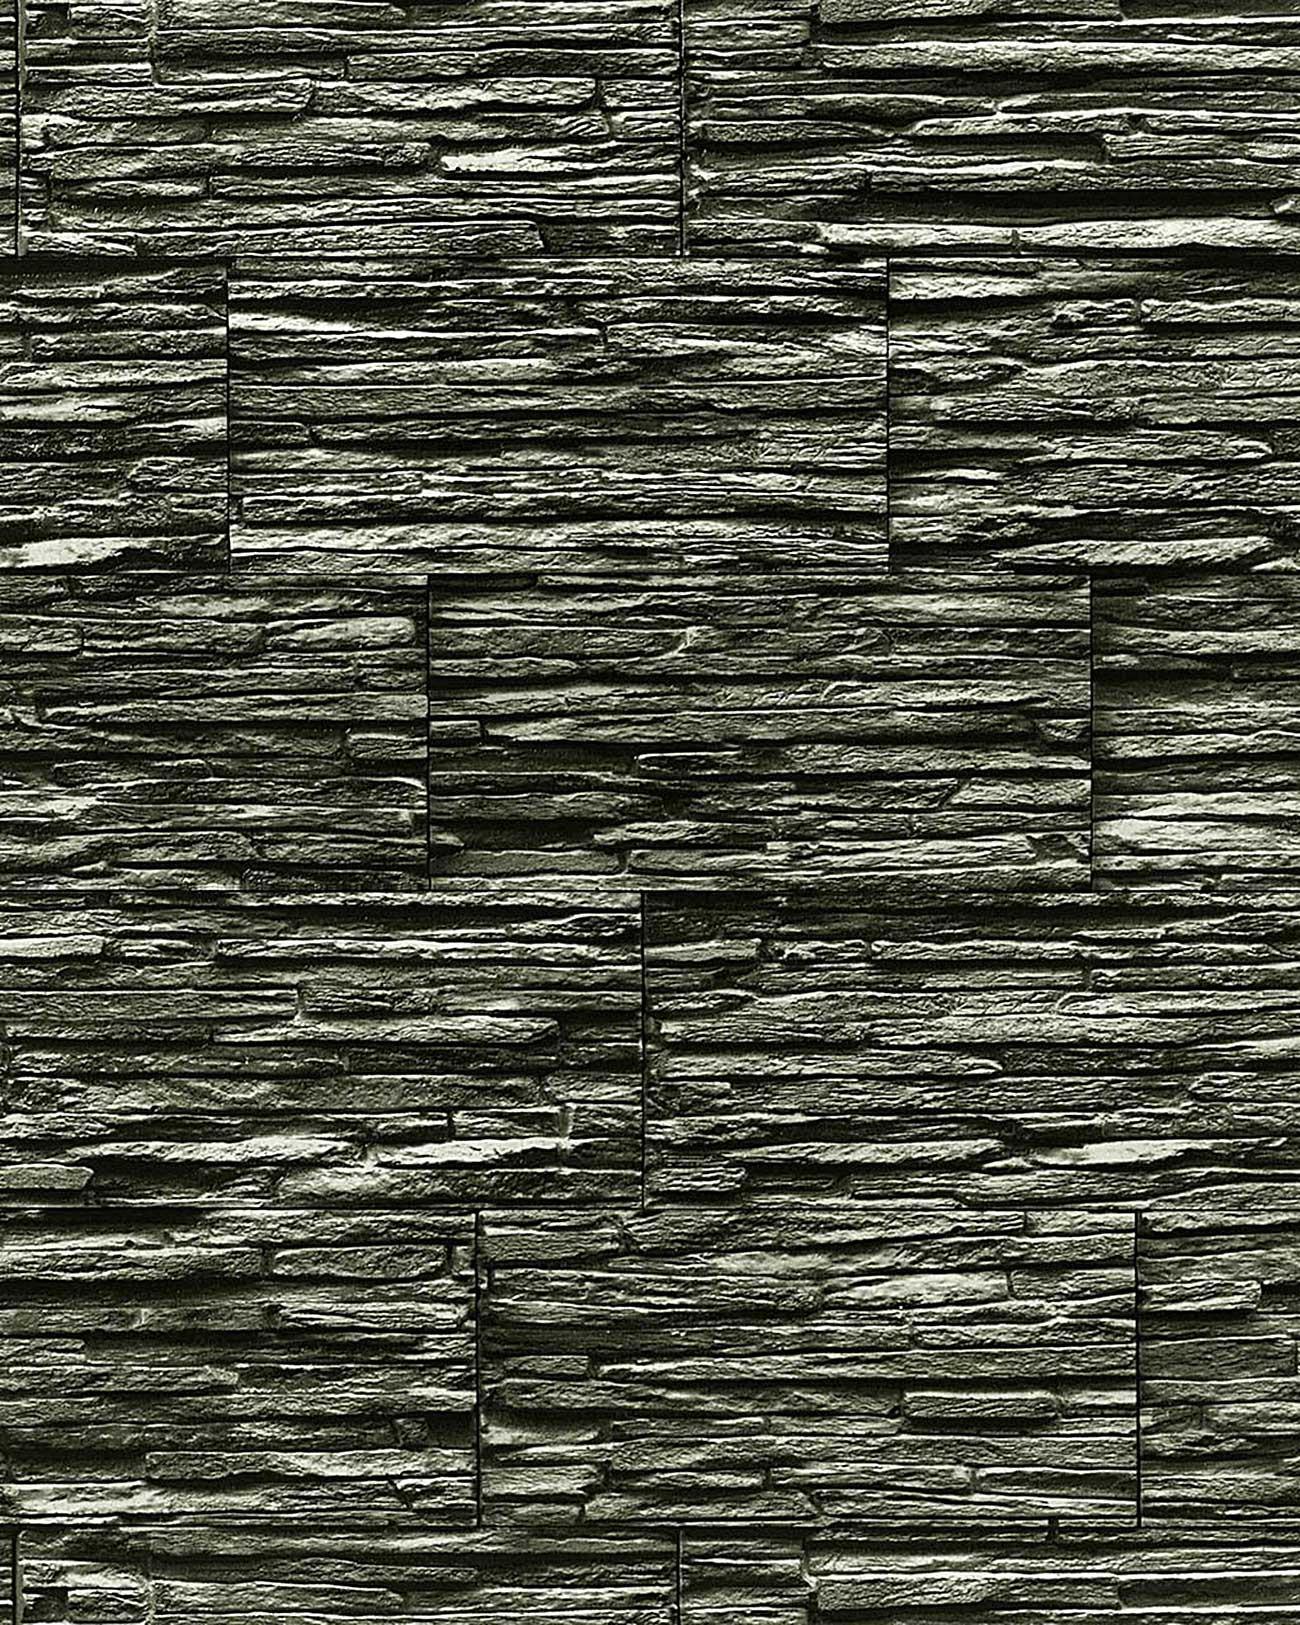 Abwaschbare Tapete F?r Kinderzimmer : Tapeten : EDEM 1003-34 Tapete Steintapete Naturstein Bruchstein